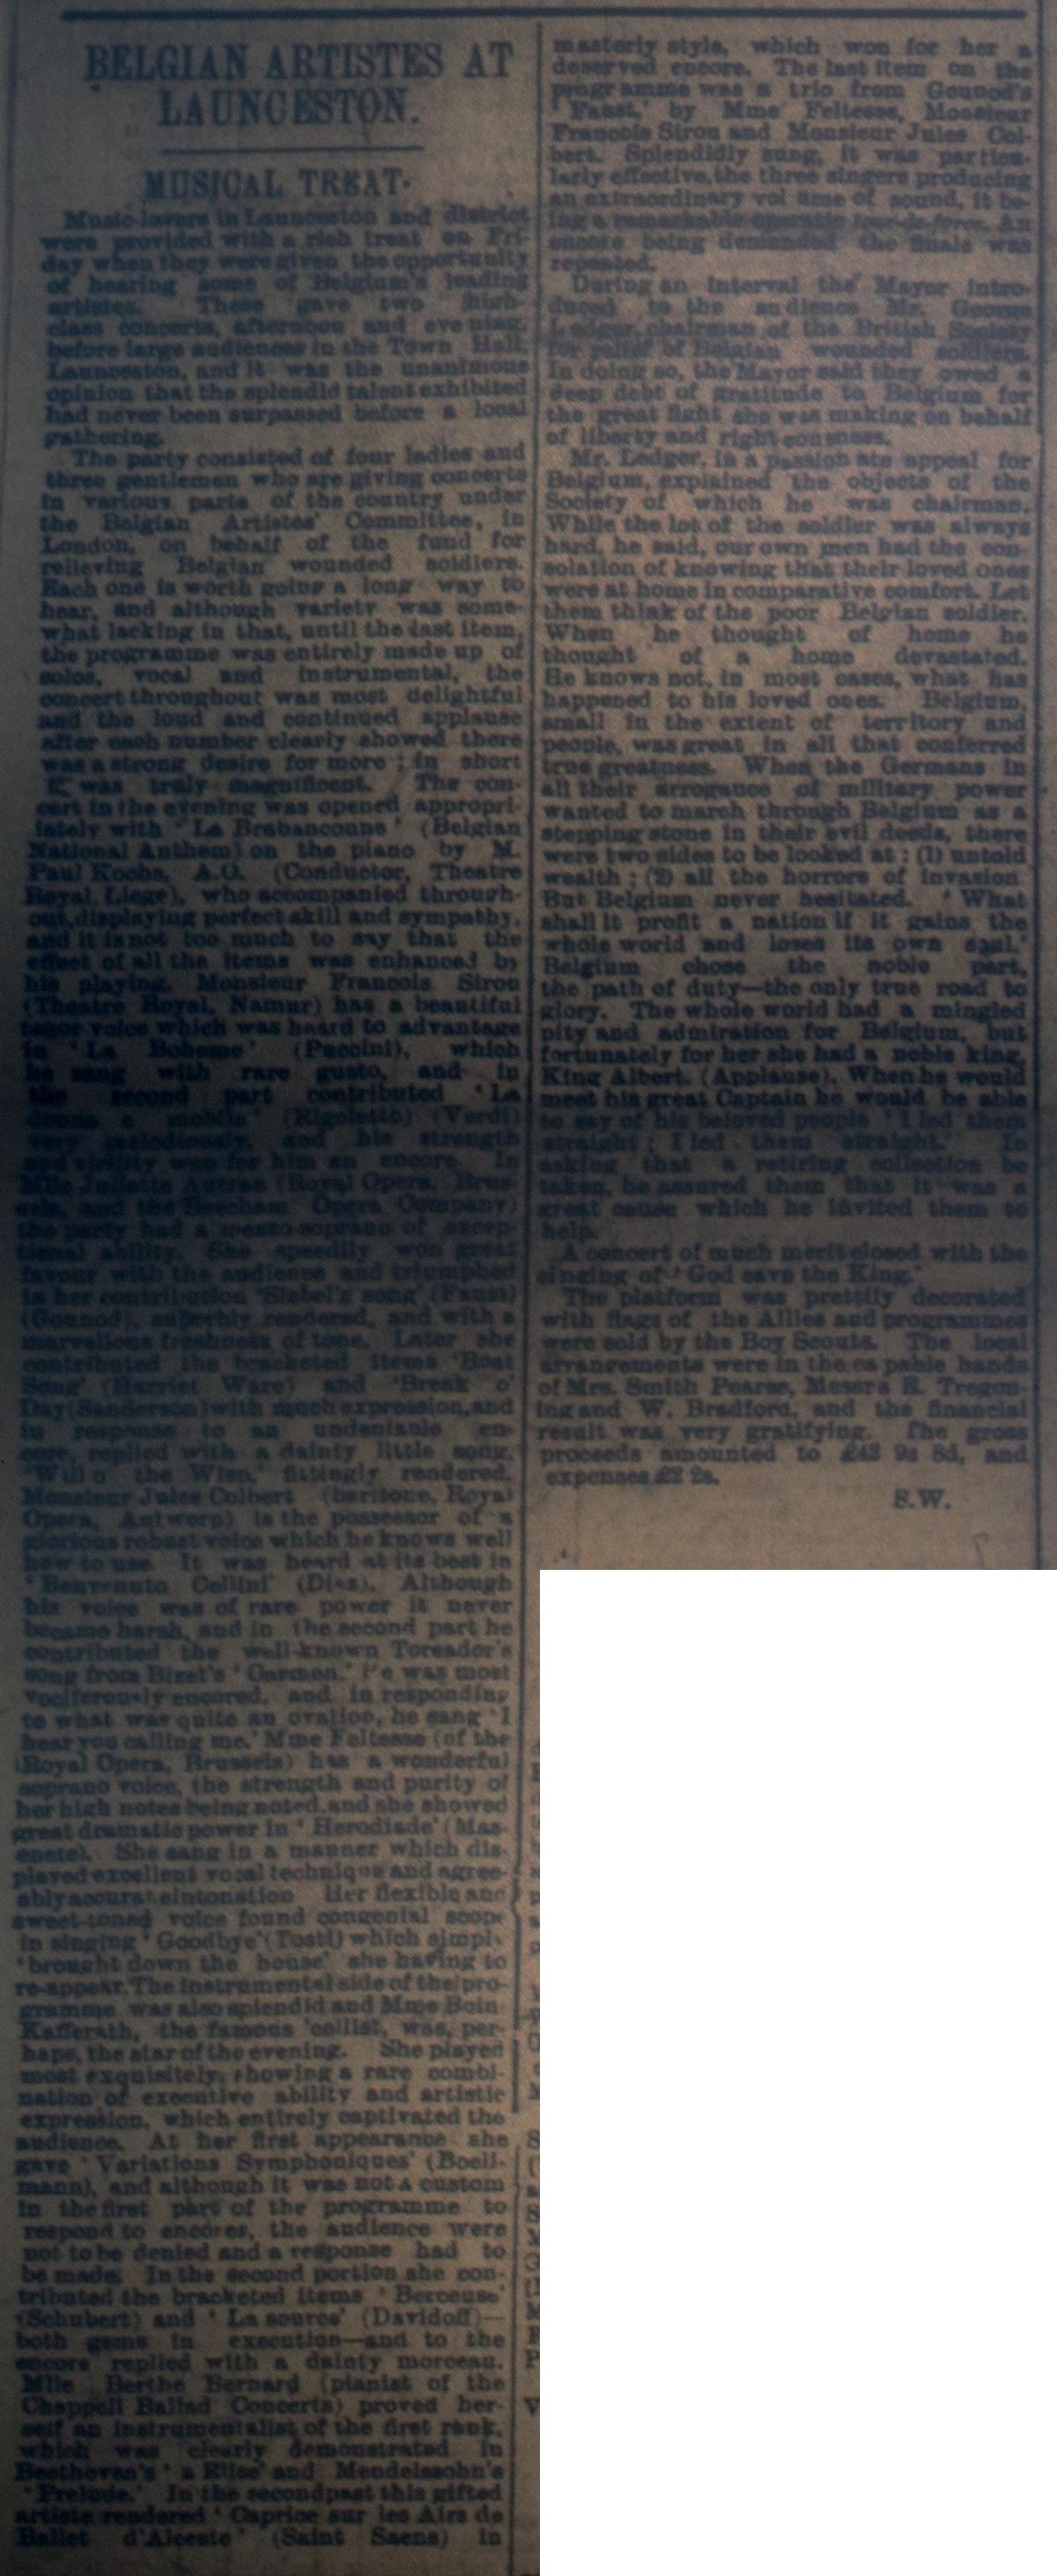 Belgium Artiste September 23rd, 1916